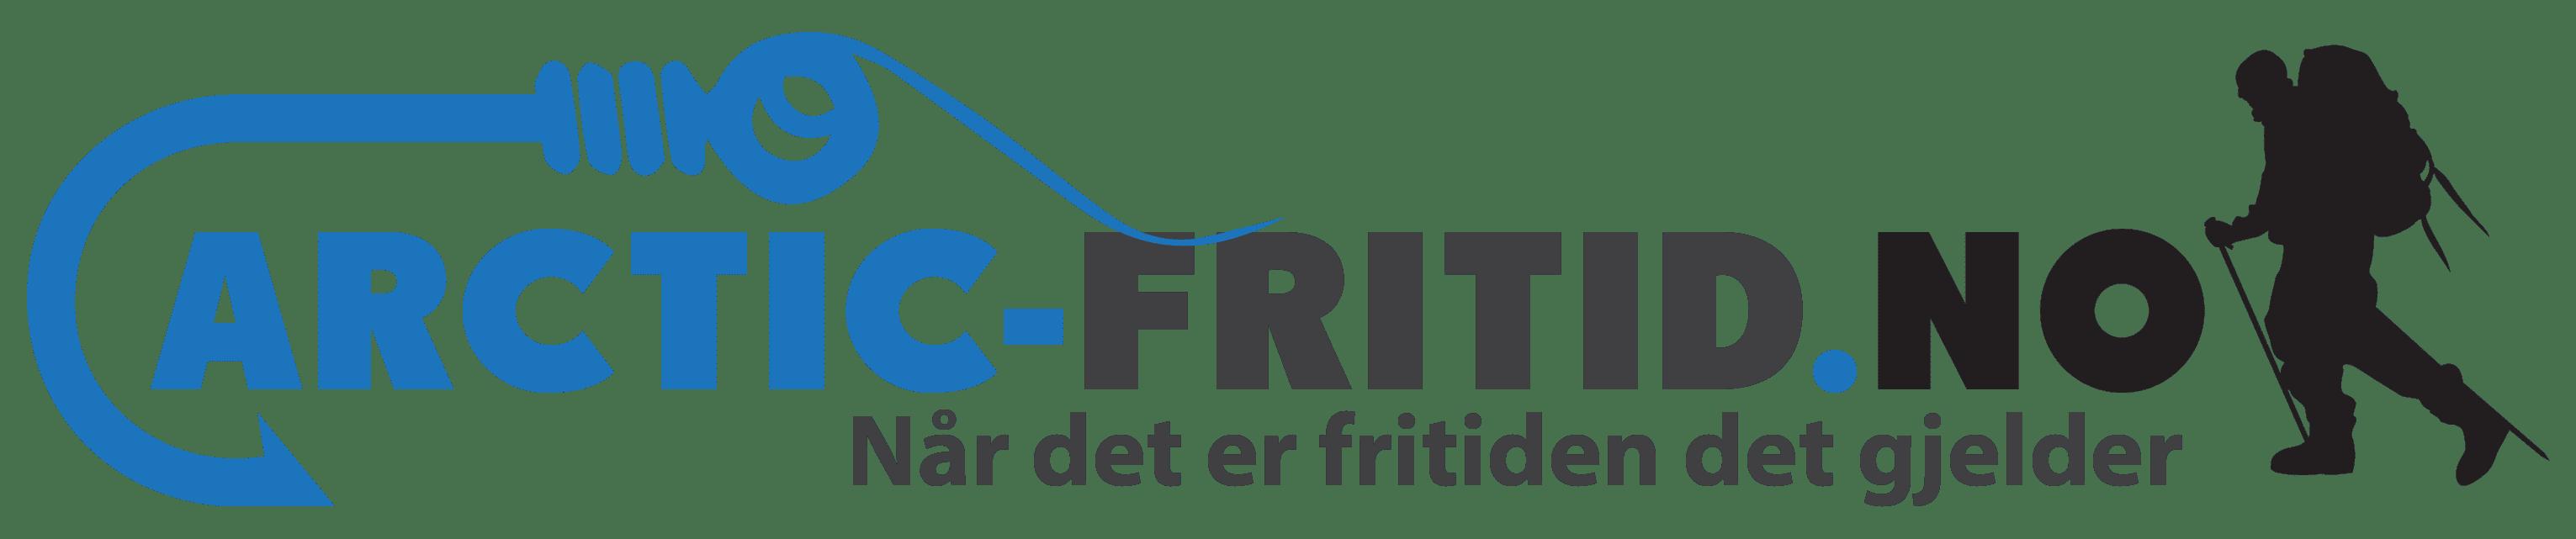 Arctic-Fritid.no